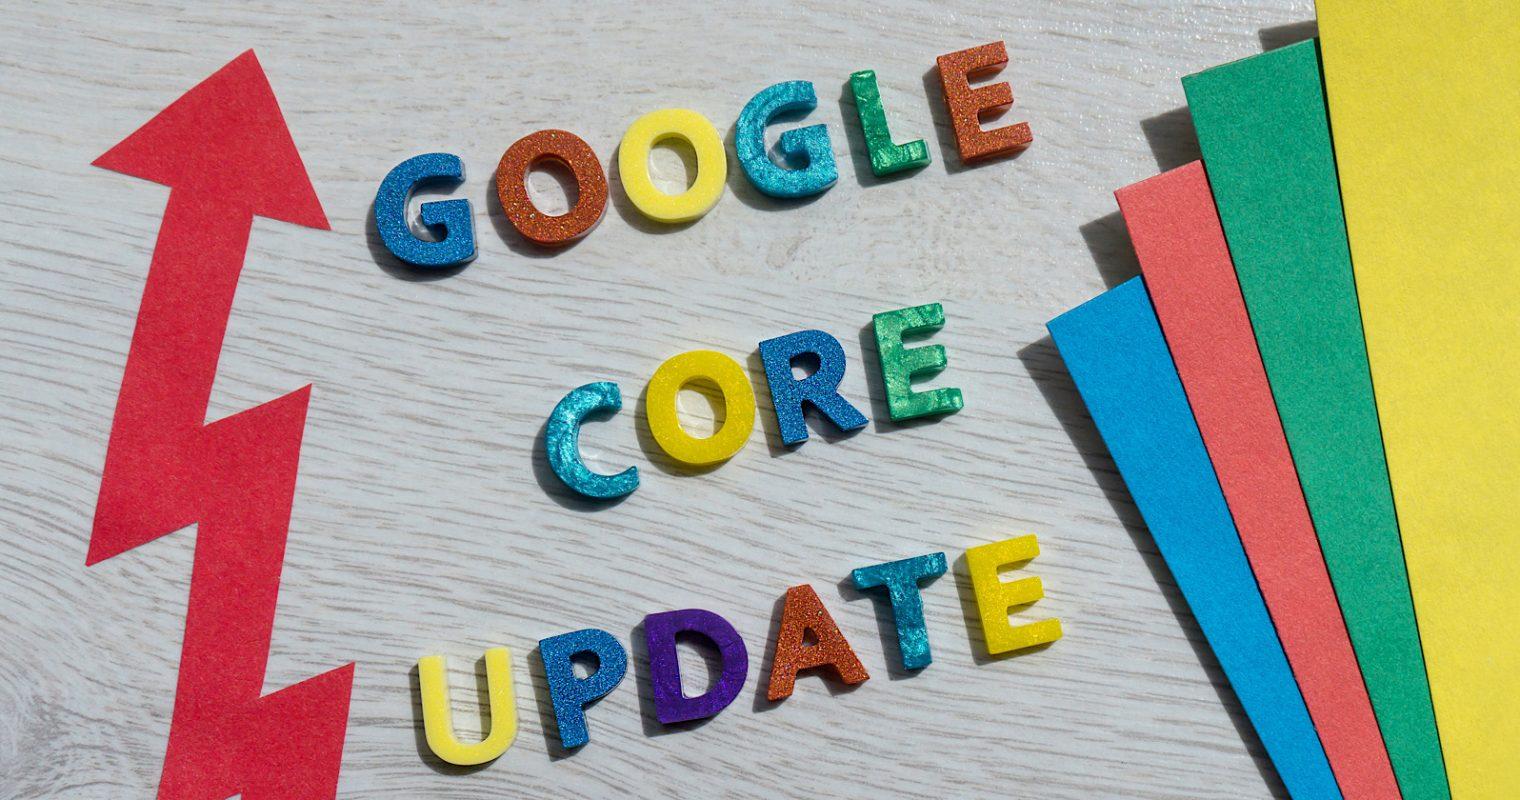 La July 2021 Core Update de Google est lancée